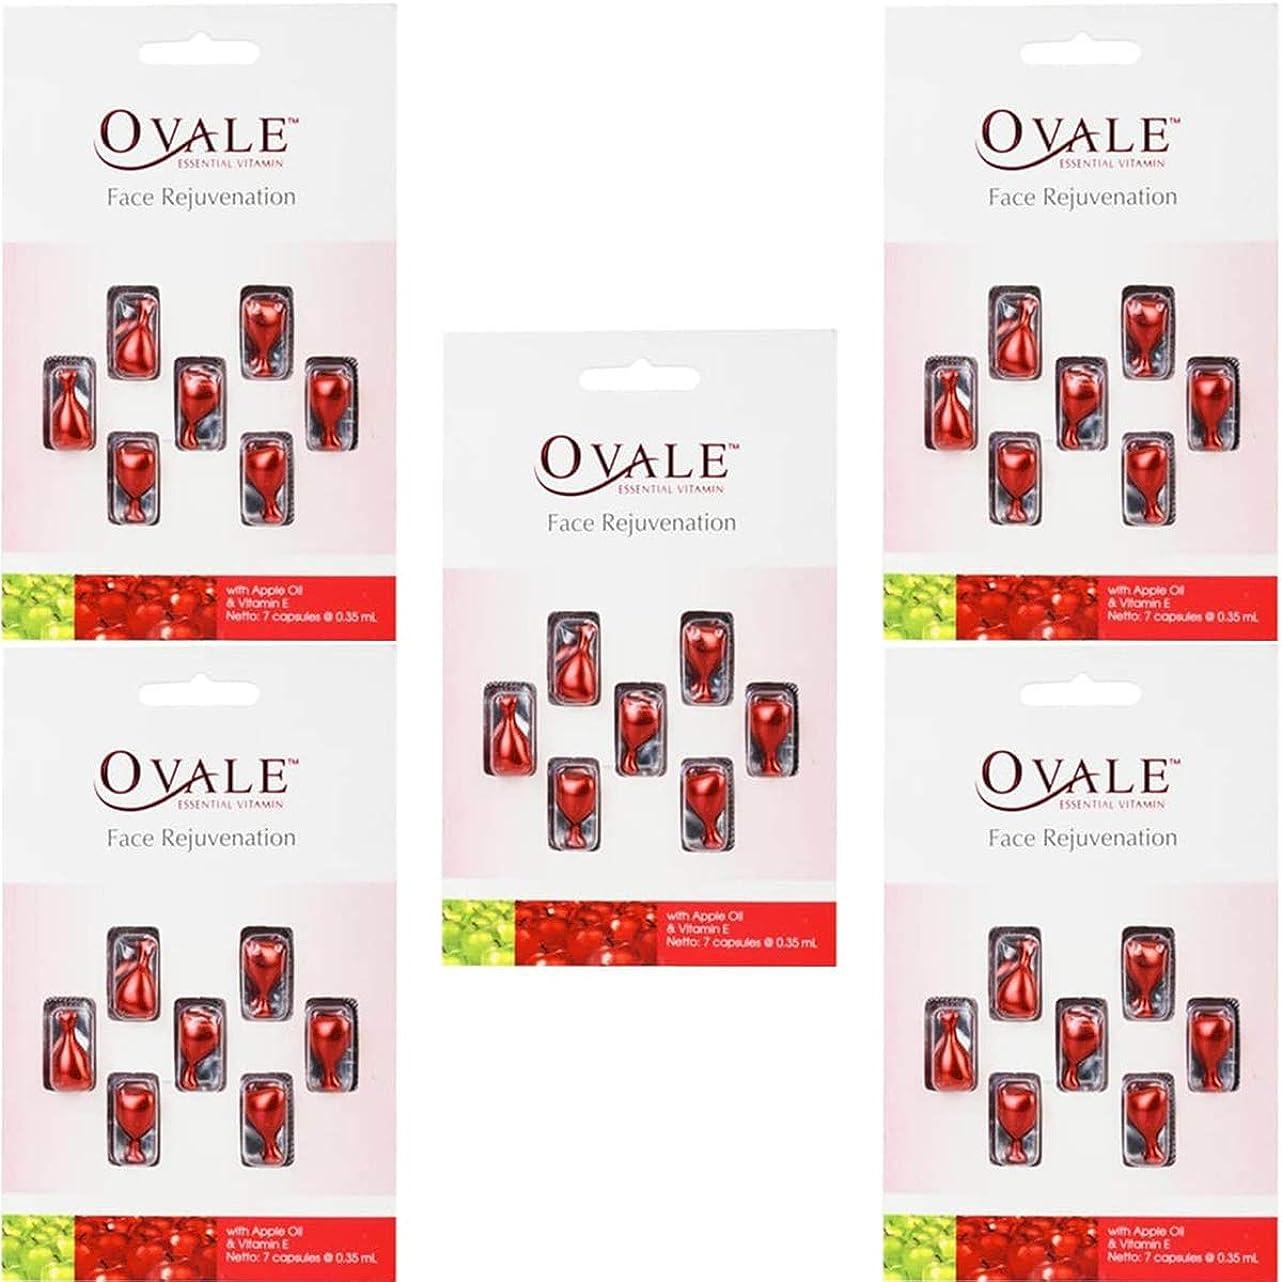 ましい腰ランチョンOvale オーバル フェイシャル美容液 essential vitamin エッセンシャルビタミン 7粒入シート×5枚セット アップル [海外直送品]